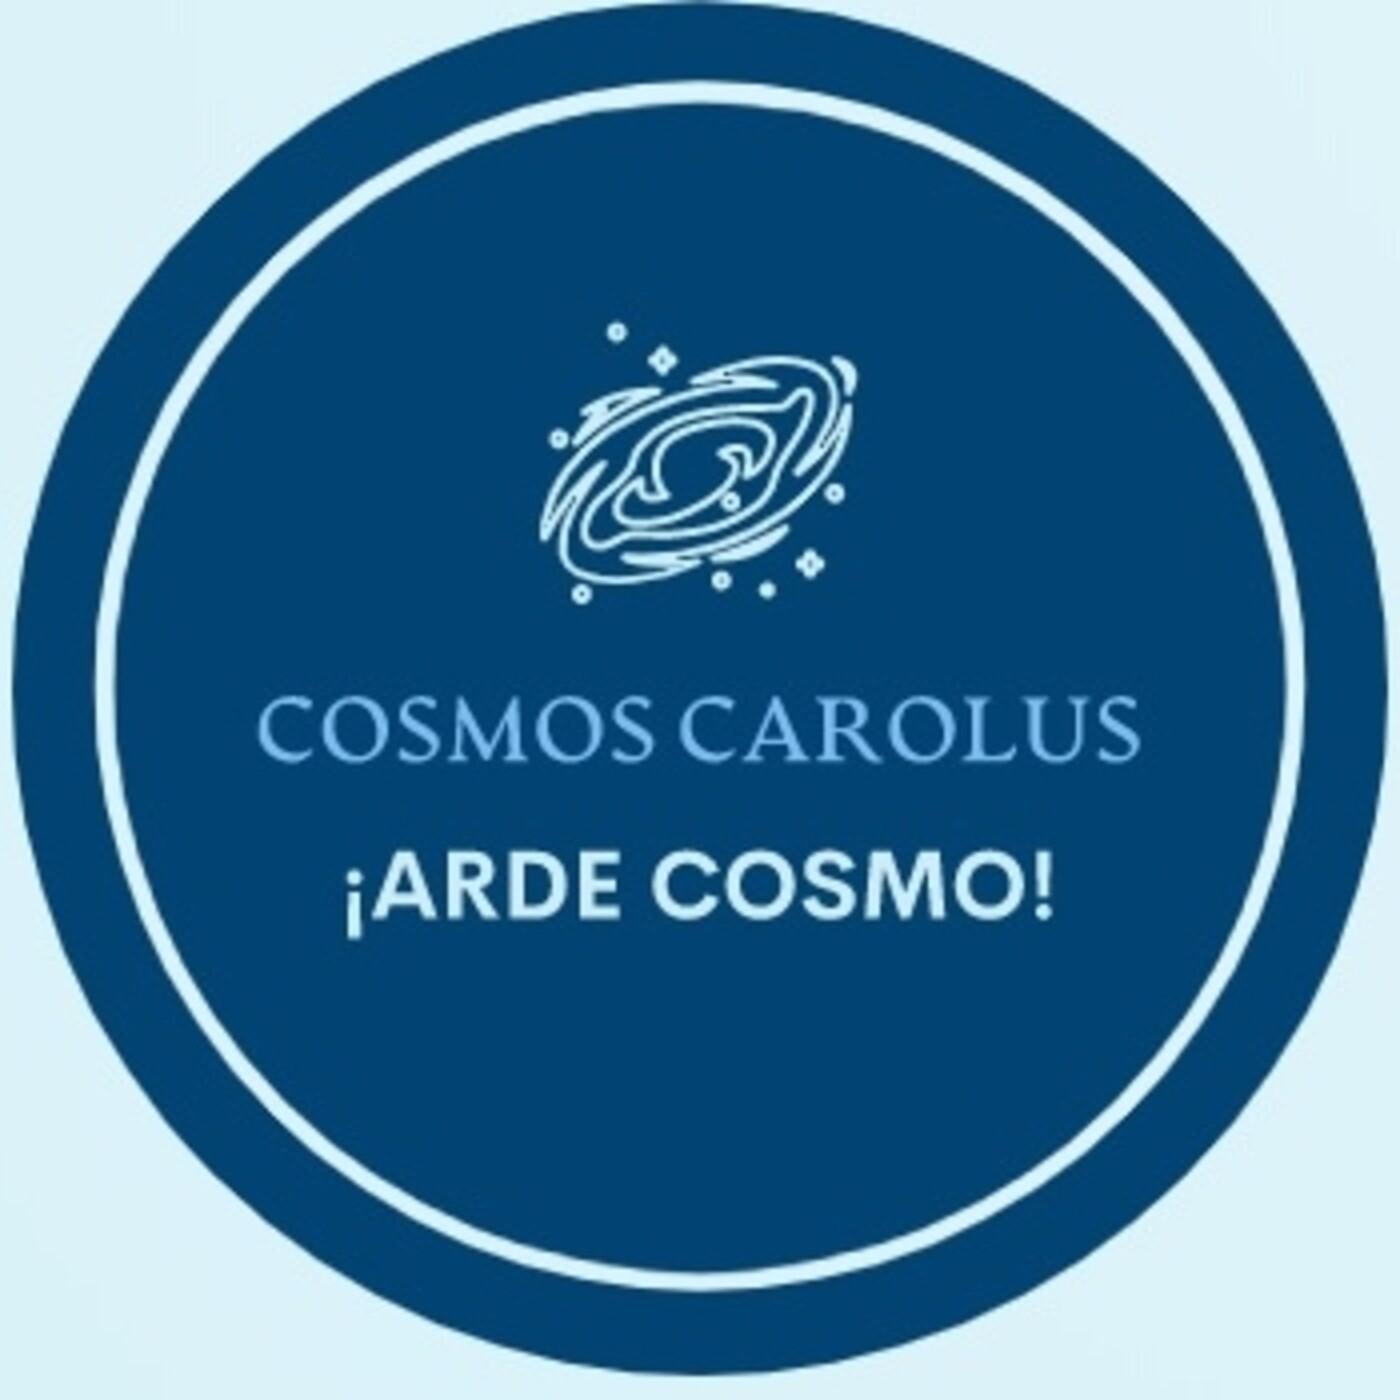 Cosmos Carolus